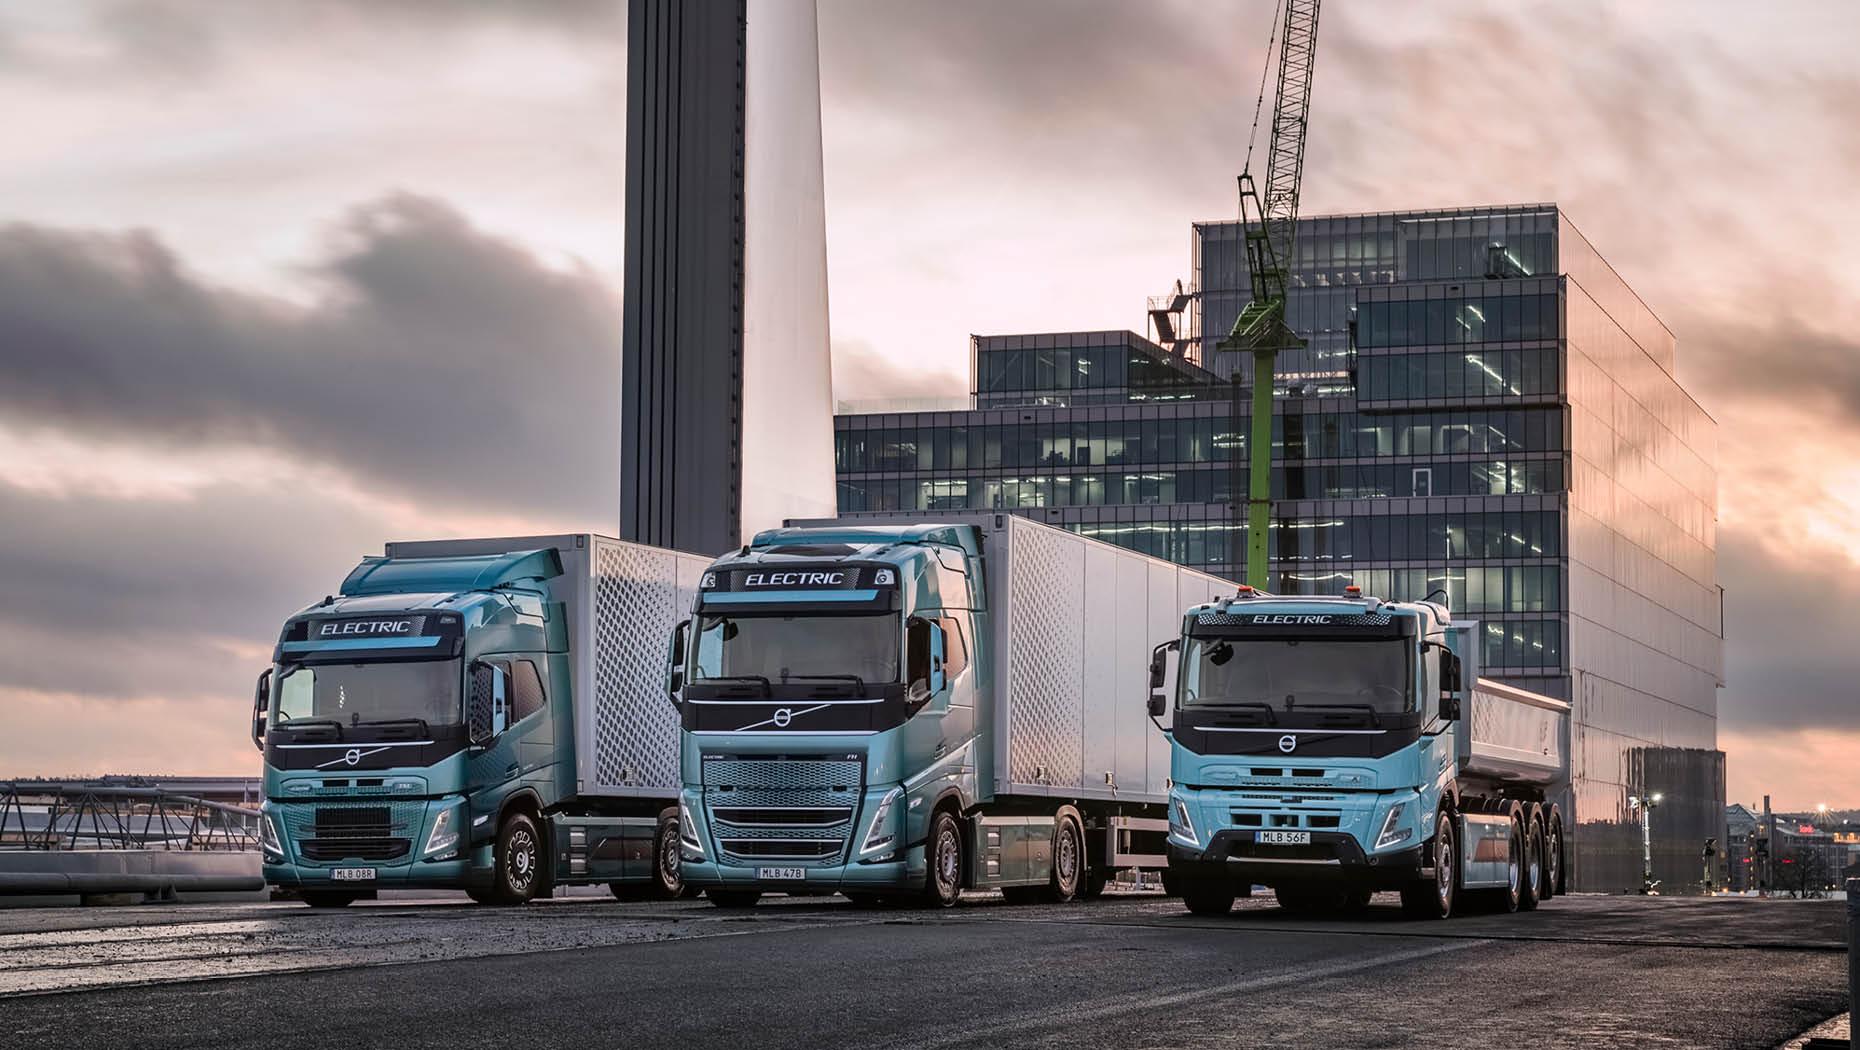 天富招商主管Q958337沃尔沃集团预测称,电动卡车市场将实现快速增长